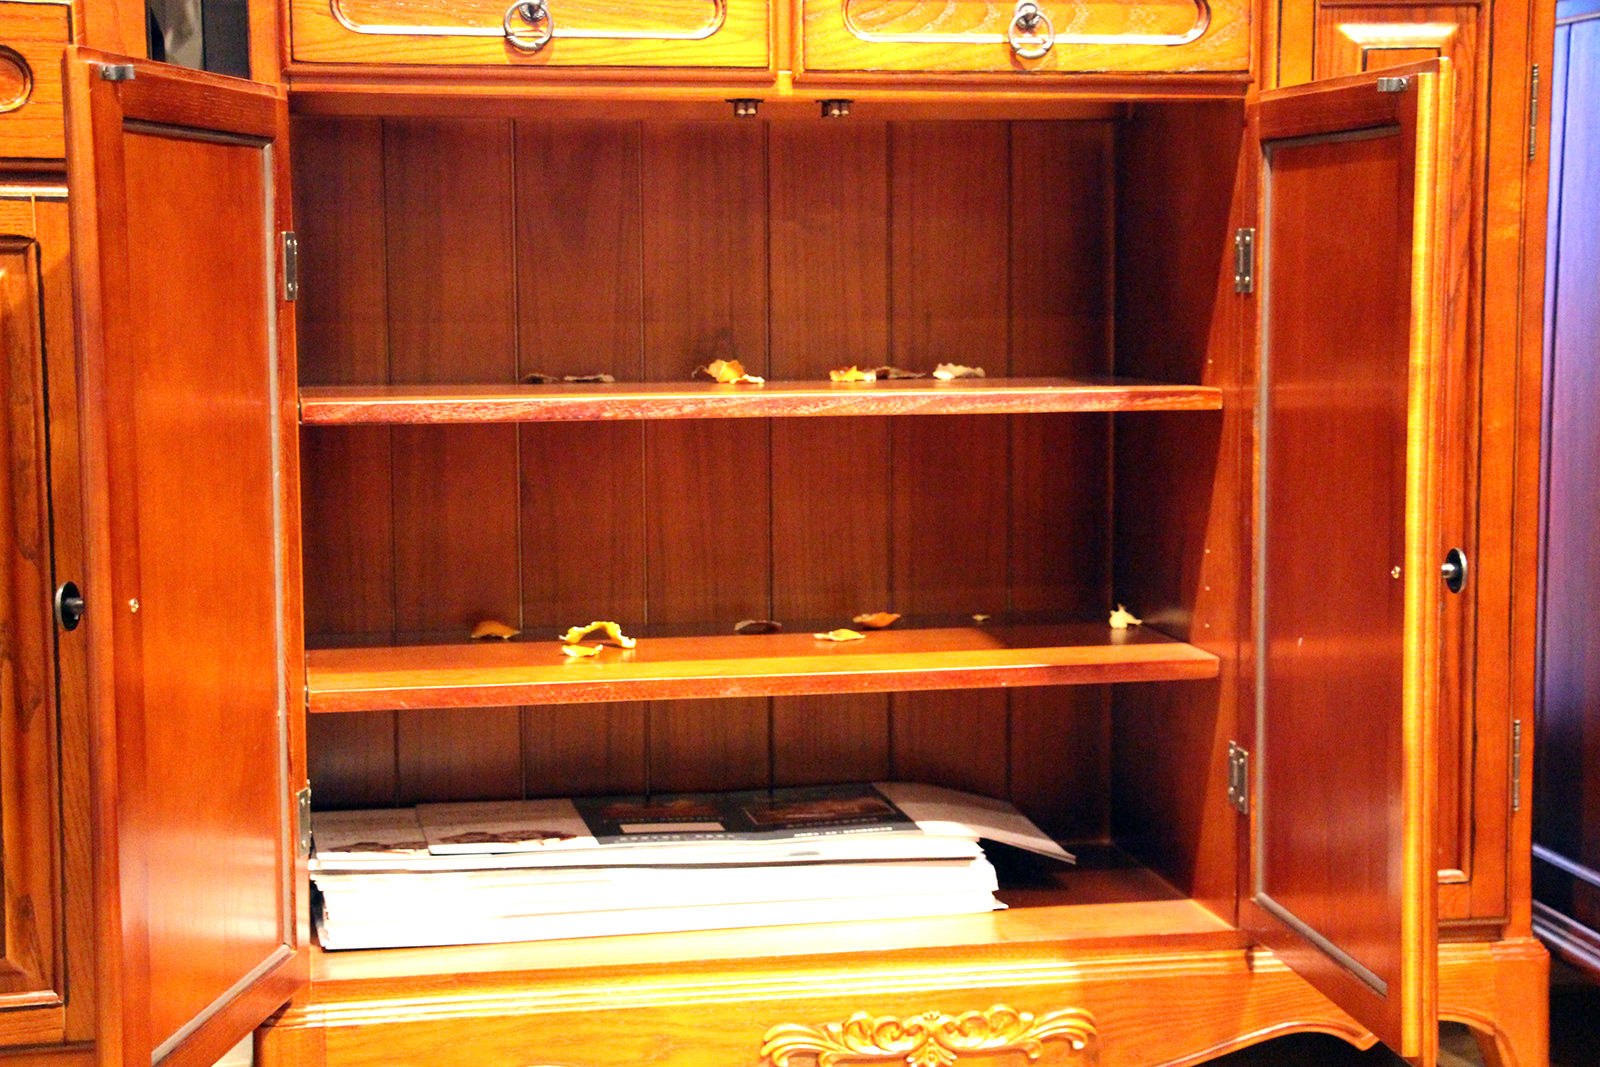 红橡木家具图片_促销:月亮庄园美式家具白蜡木鞋柜促销3300元-集美家居资讯